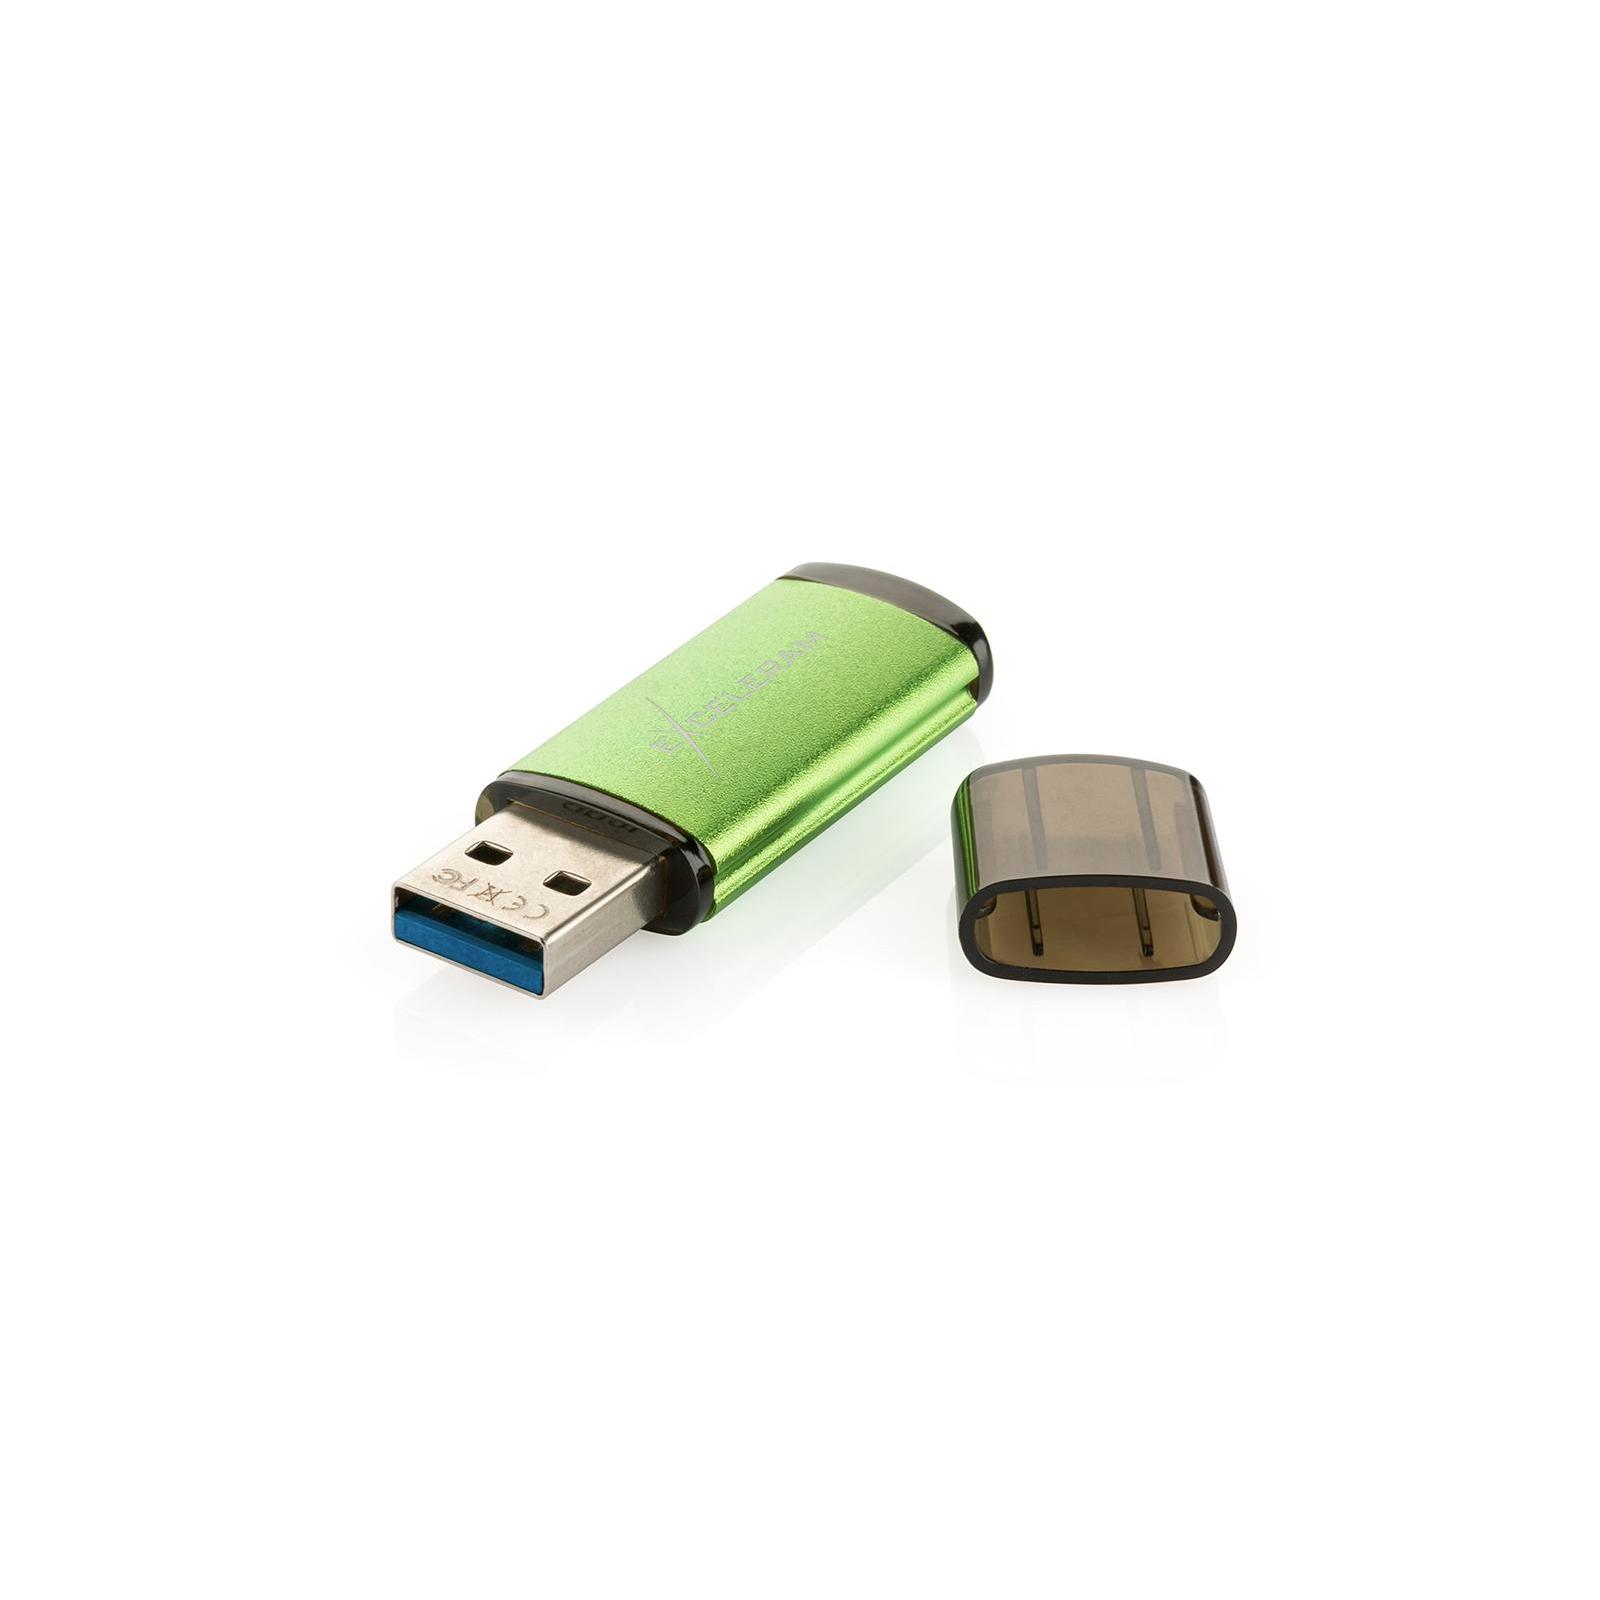 USB флеш накопитель eXceleram 128GB A3 Series Green USB 3.1 Gen 1 (EXA3U3GR128) изображение 5